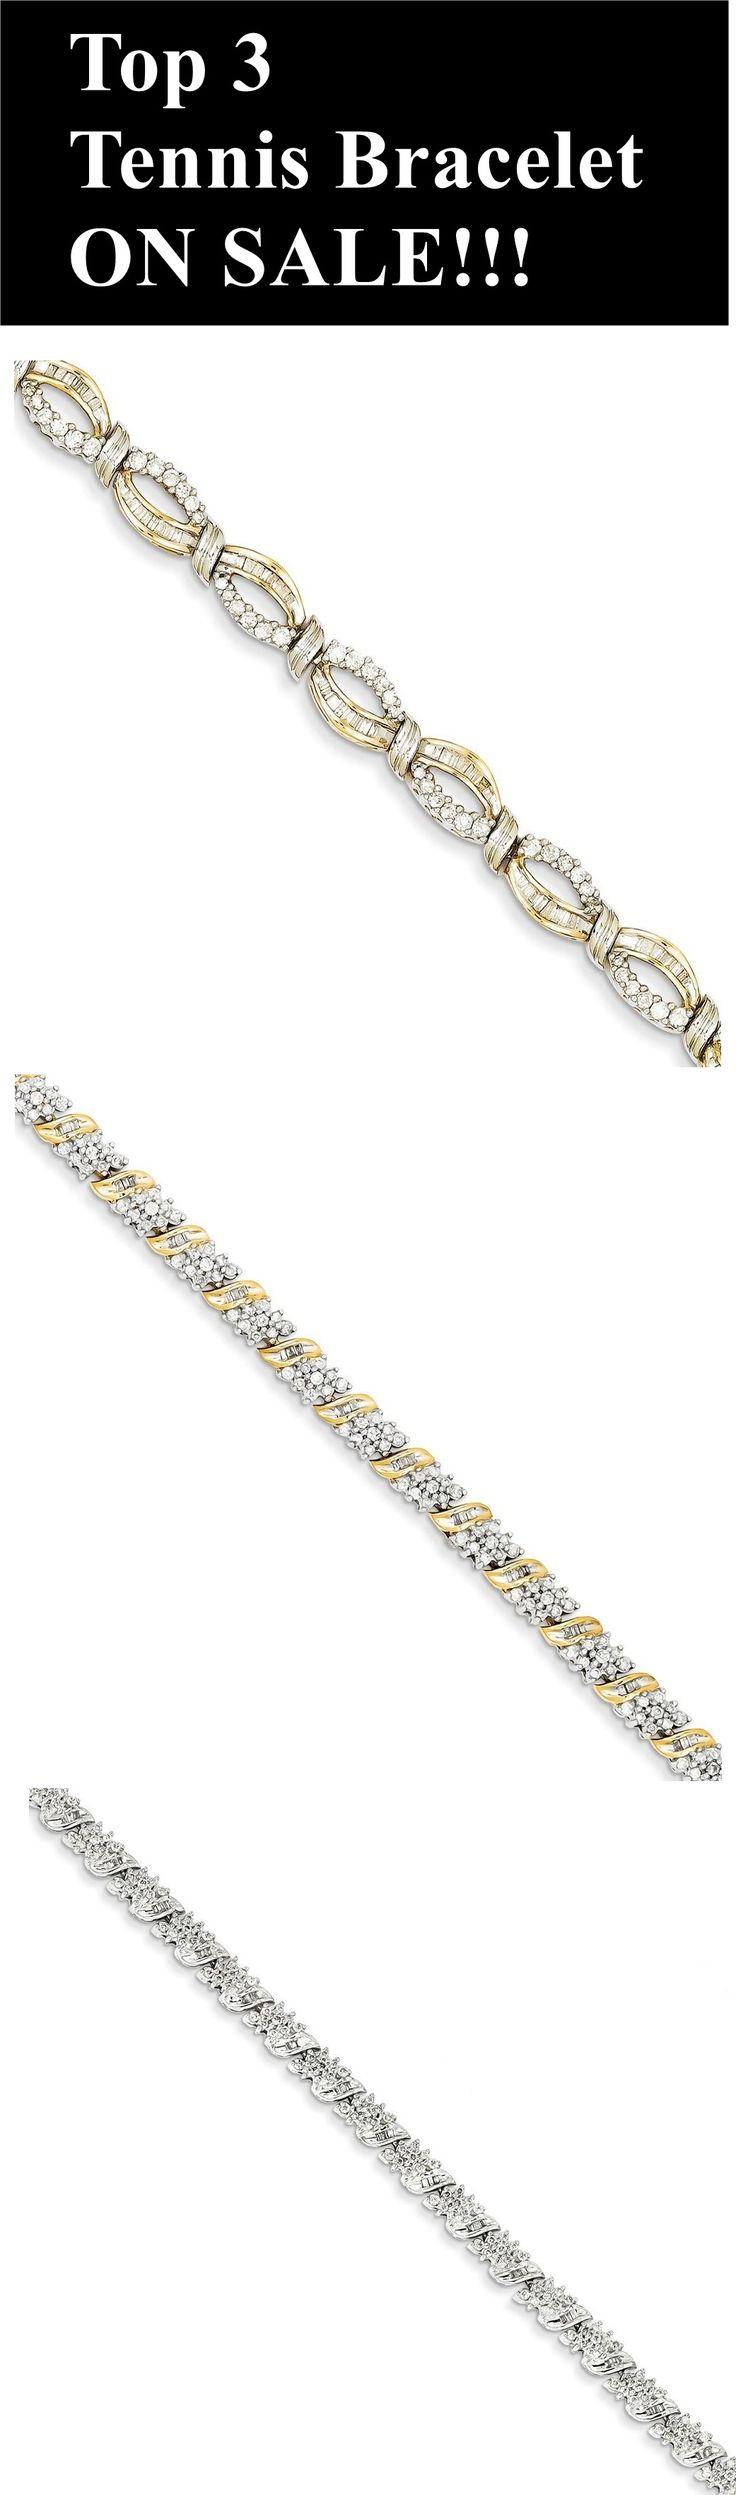 Diamond tennis bracelets - Diamond Bracelets - Fashion Jewelry - Christmas Gifts - Jewelry - Trendy Jewelry - Cheap Jewelry - Top Bracelets - Discounts - Sale